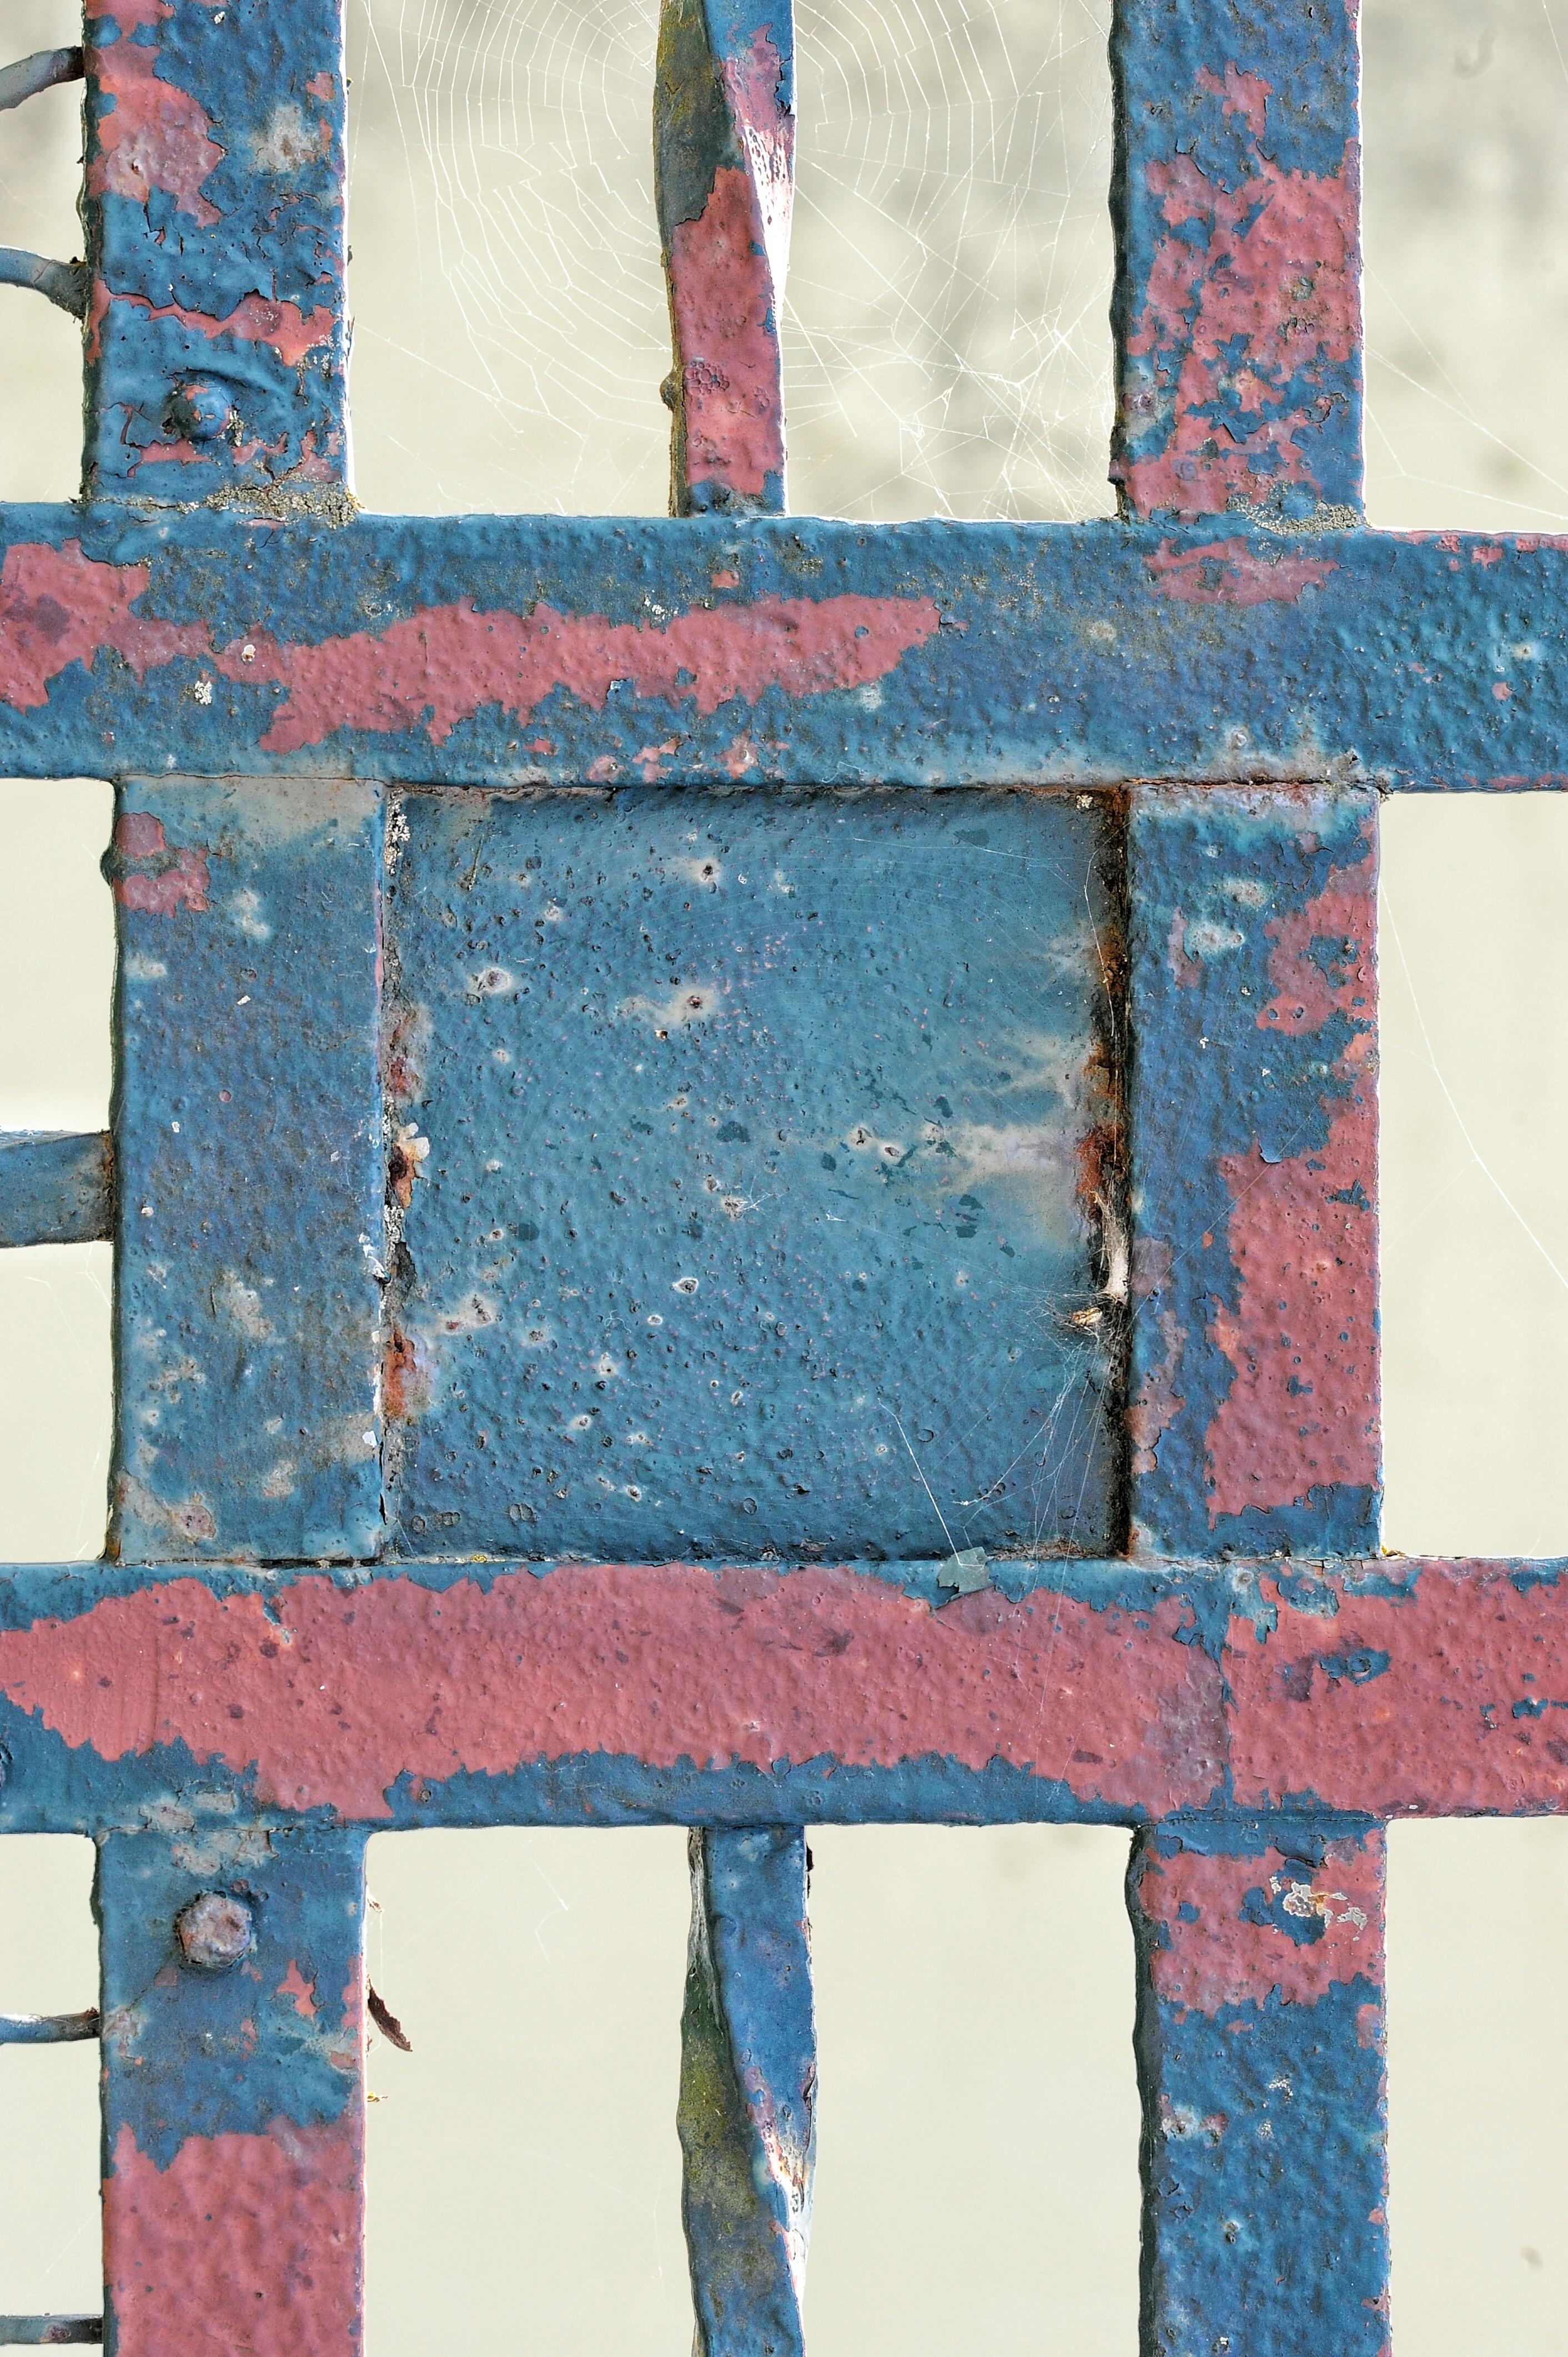 무료 이미지 : 조직, 벽, 녹, 무늬, 빨간, 색깔, 페인트, 푸른, 자료 ...